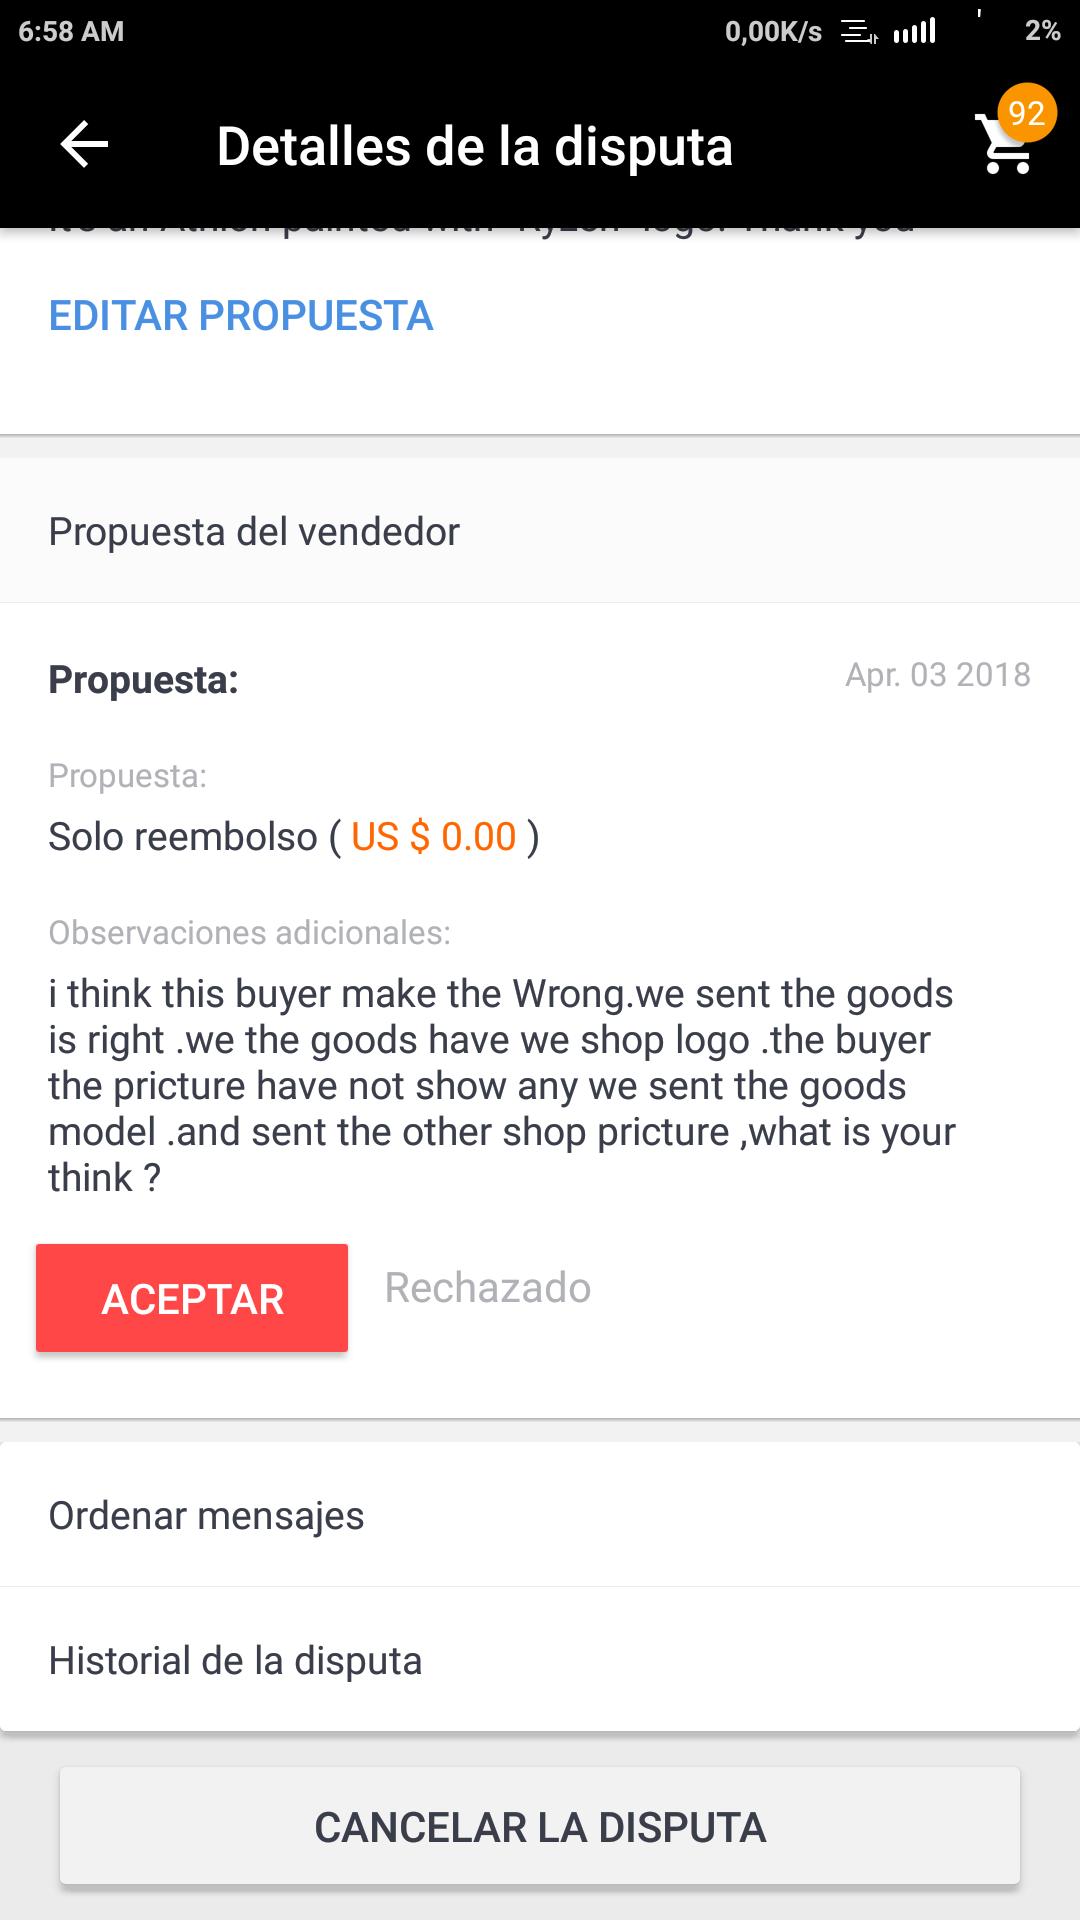 https://cdn.discordapp.com/attachments/189466684938125312/431392279652204544/Screenshot_2018-04-05-06-58-20-316_com.alibaba.aliexpresshd.png